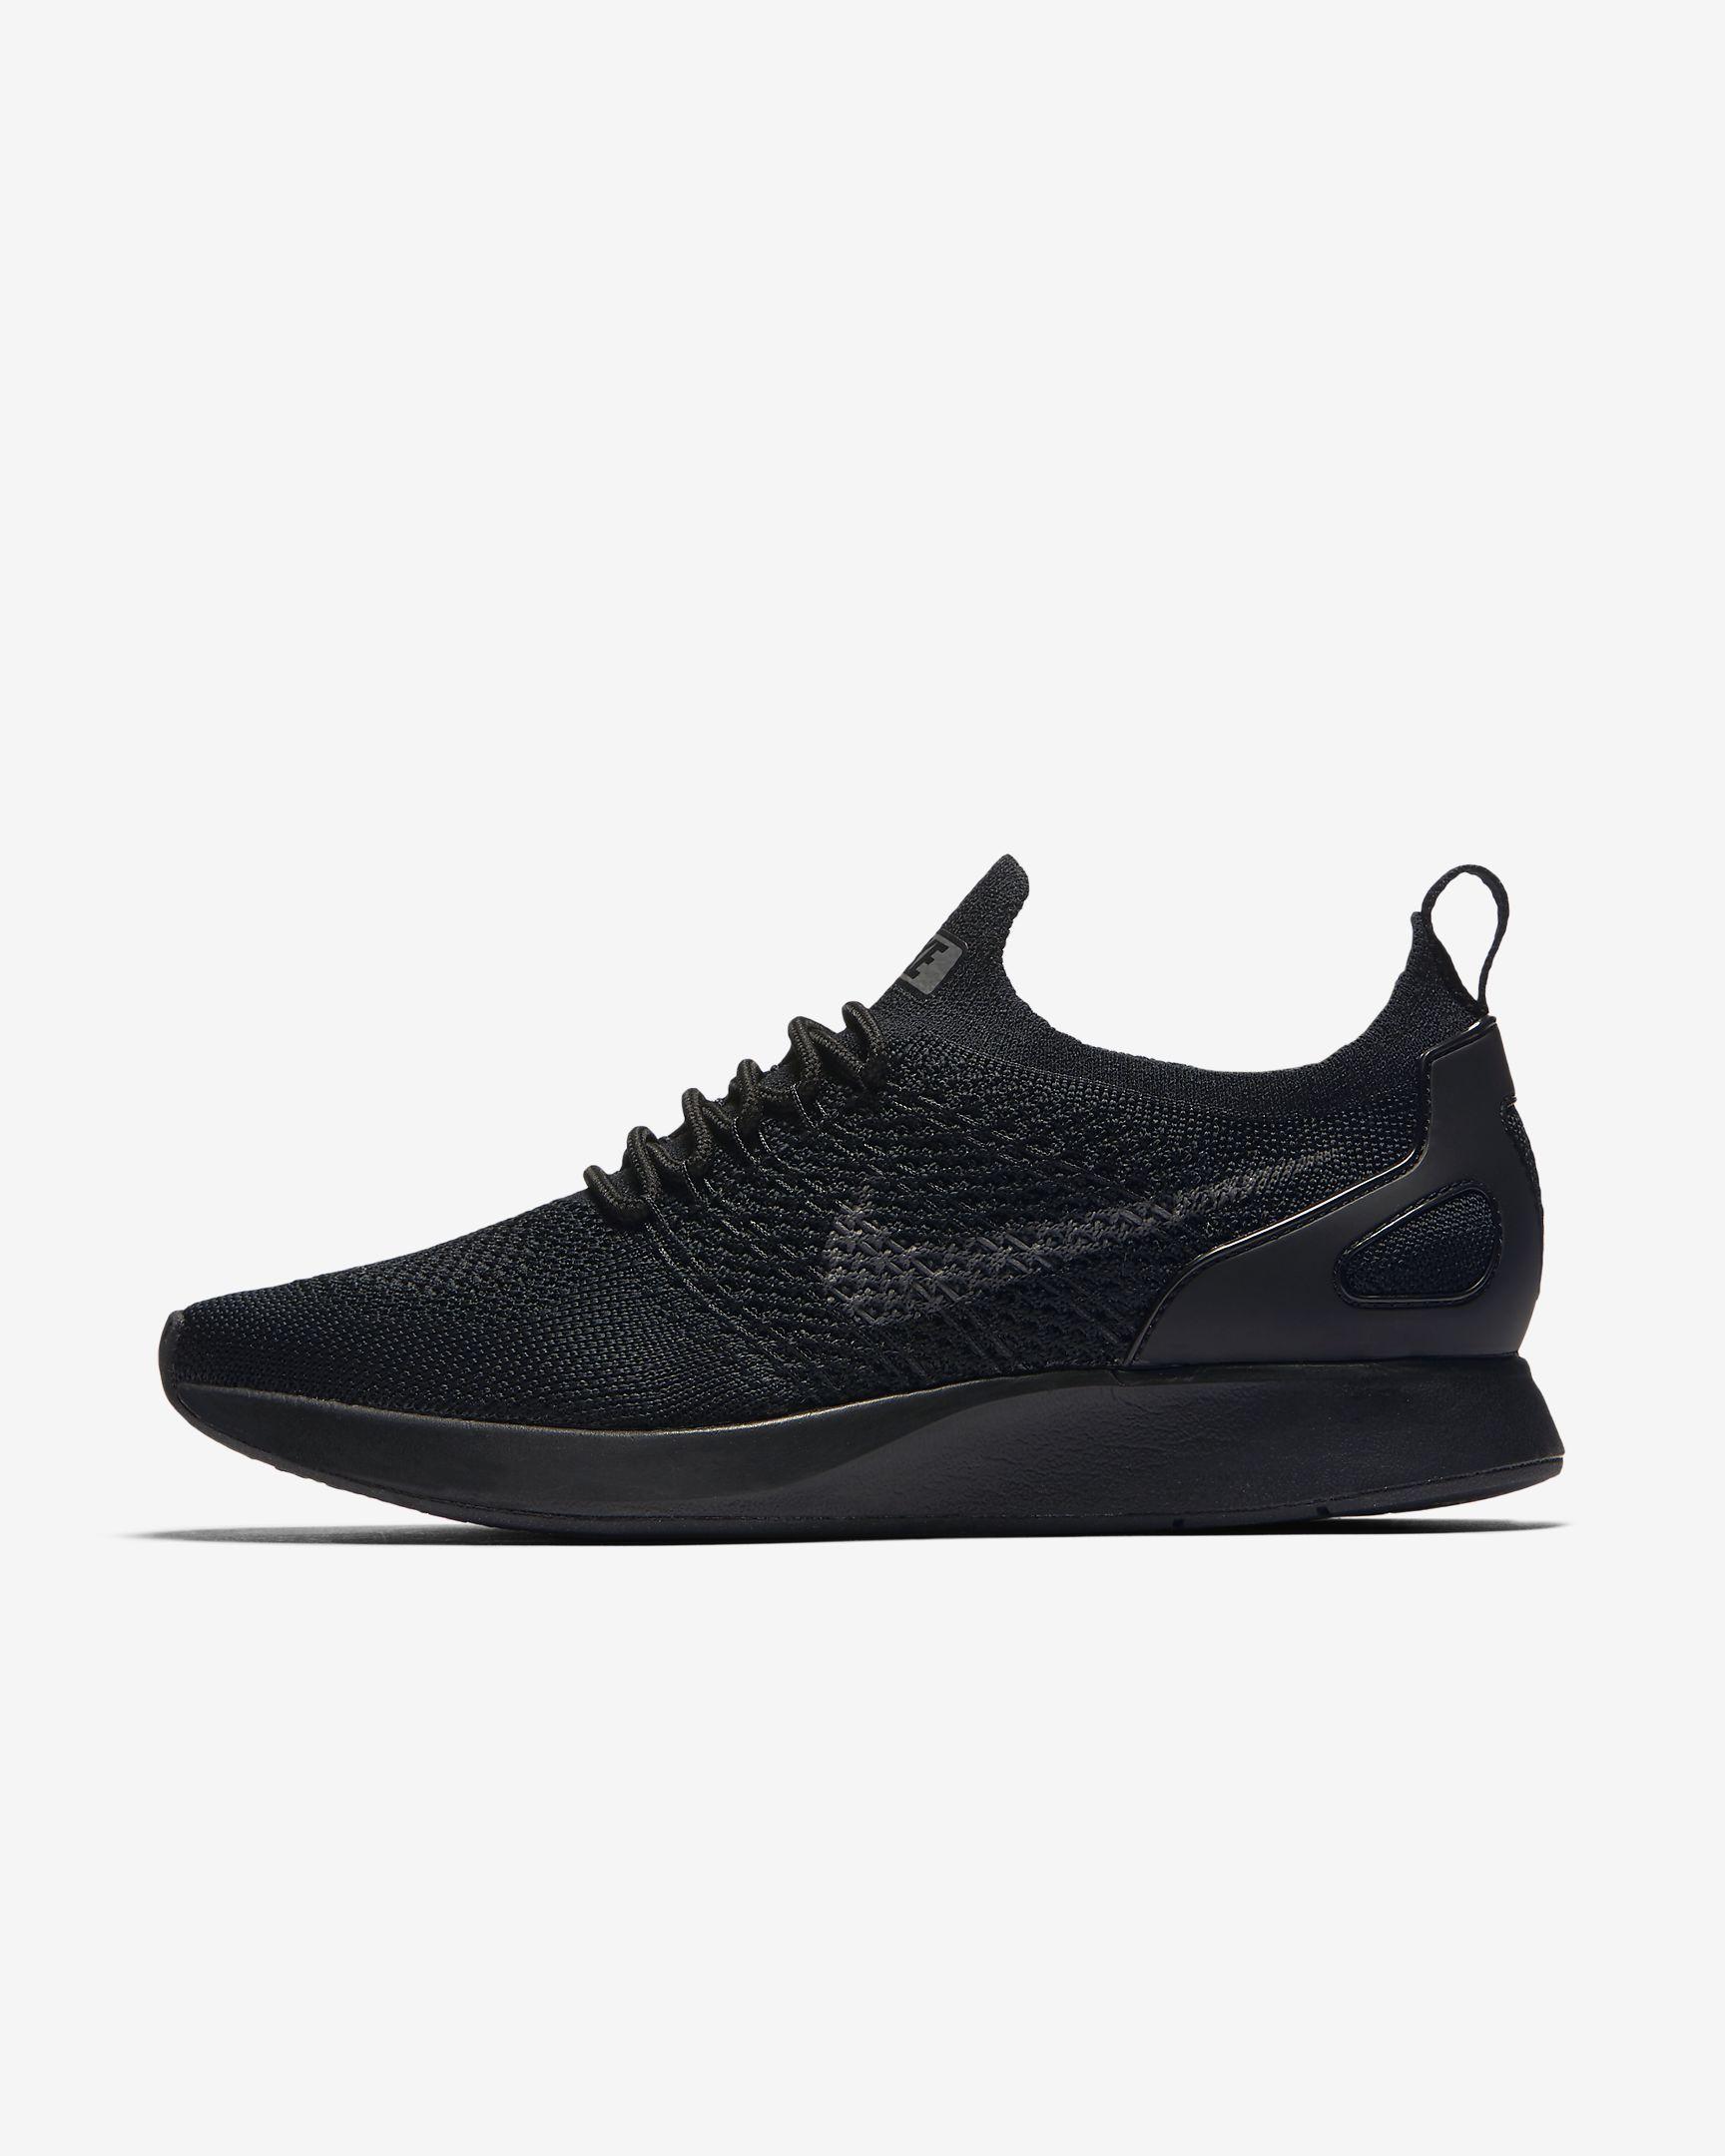 sports shoes 99592 4d262 Nike Air Zoom Mariah Flyknit Racer Women s Shoe